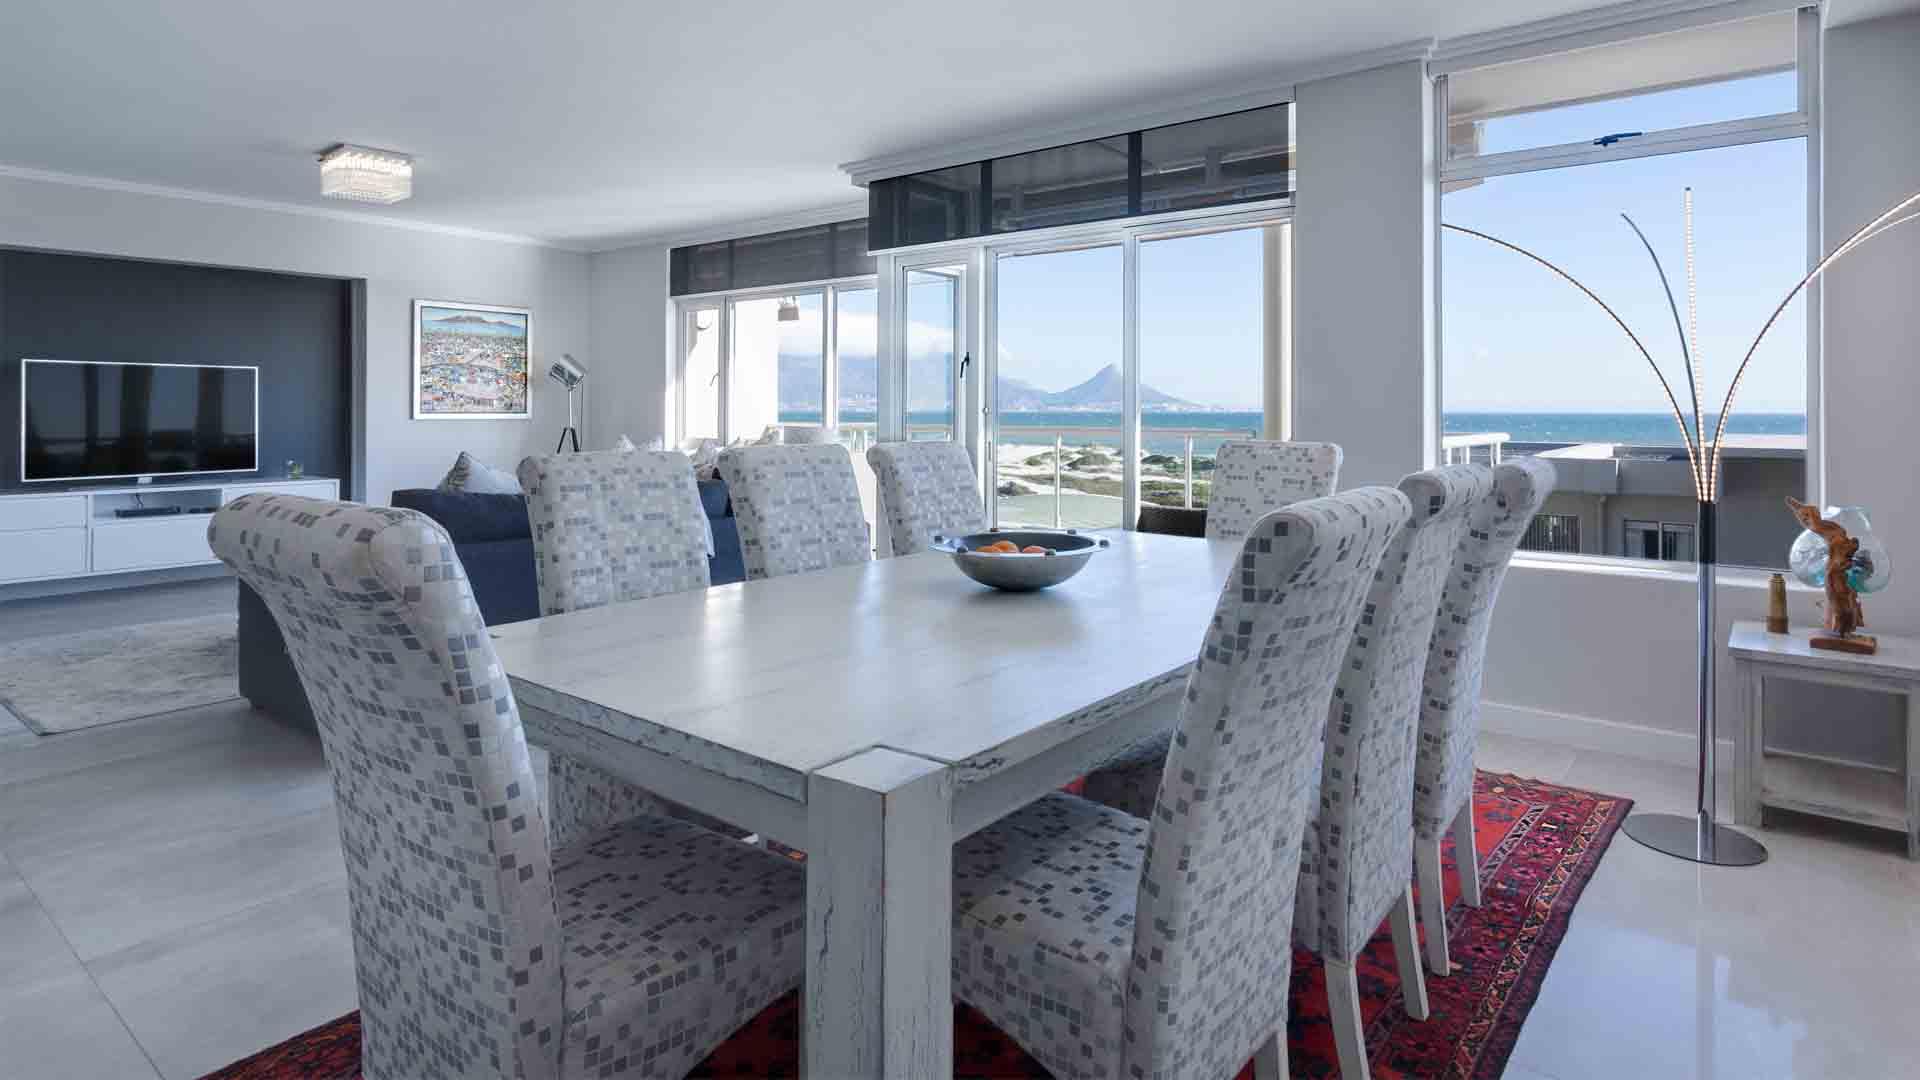 karpet lantai ruang makan